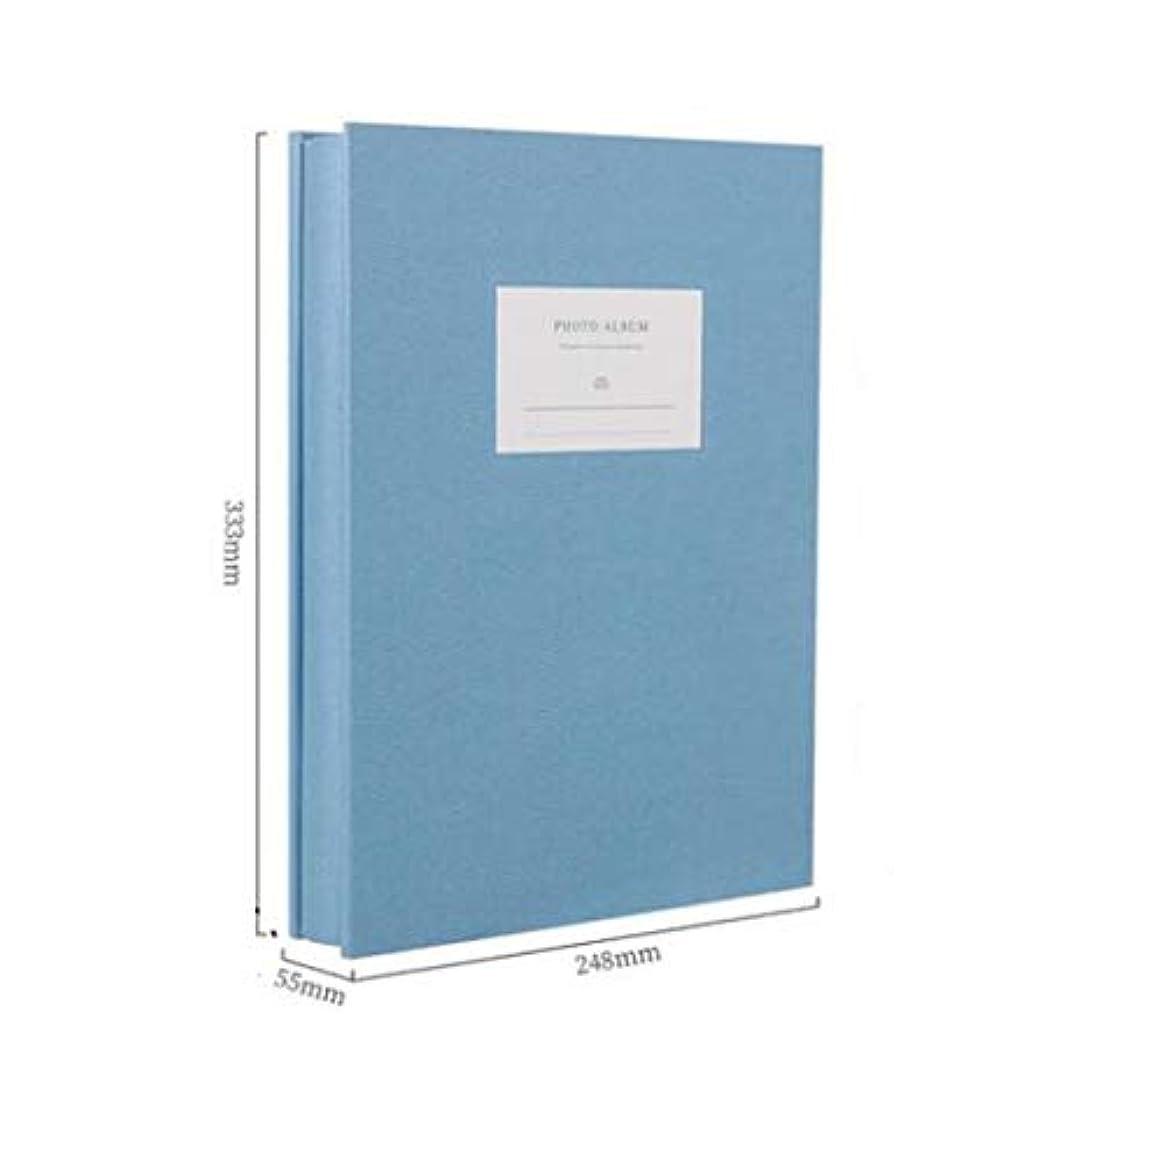 スクリーチ確執熟練したJFYHZ 5インチアルバムアルバム、家族の写真アルバム、フォトアルバムバルク、涙 (Color : Blue)